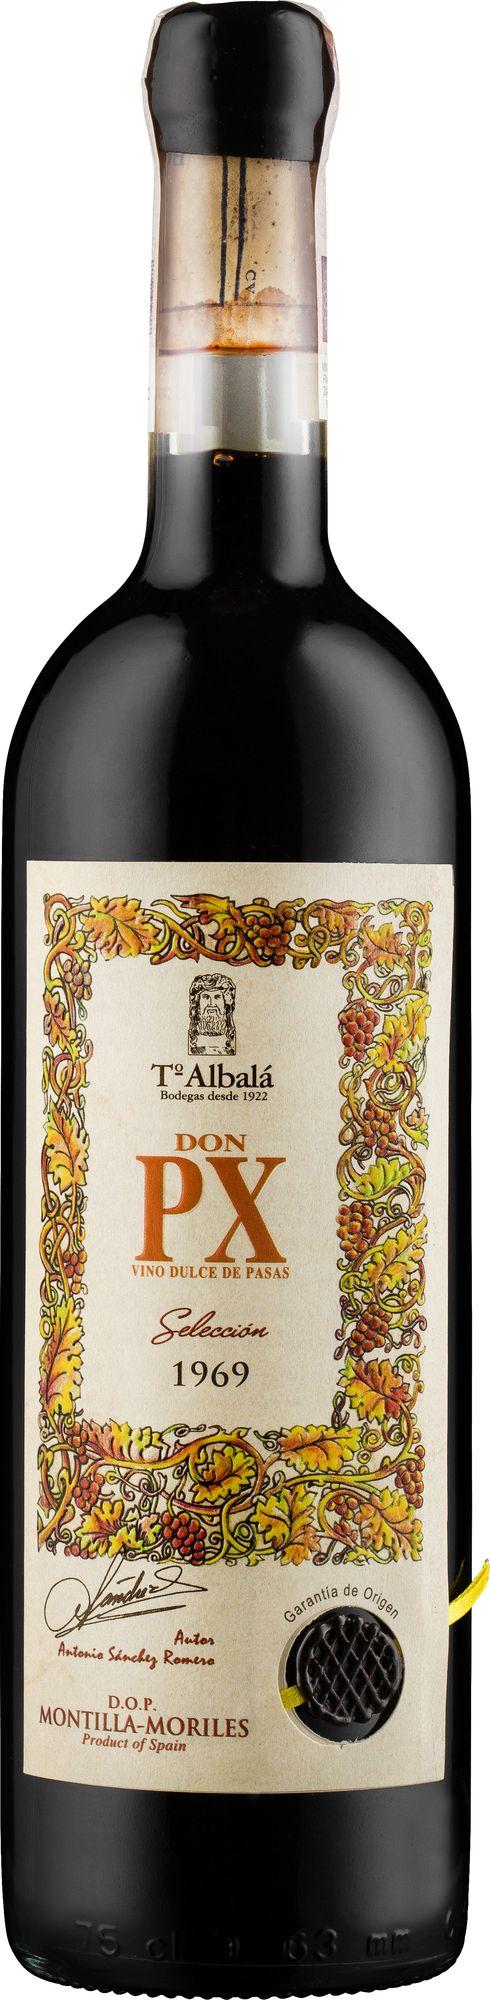 Wino Toro Albalá 1969 Don P.X. Seleccion Montilla-Morilles DO